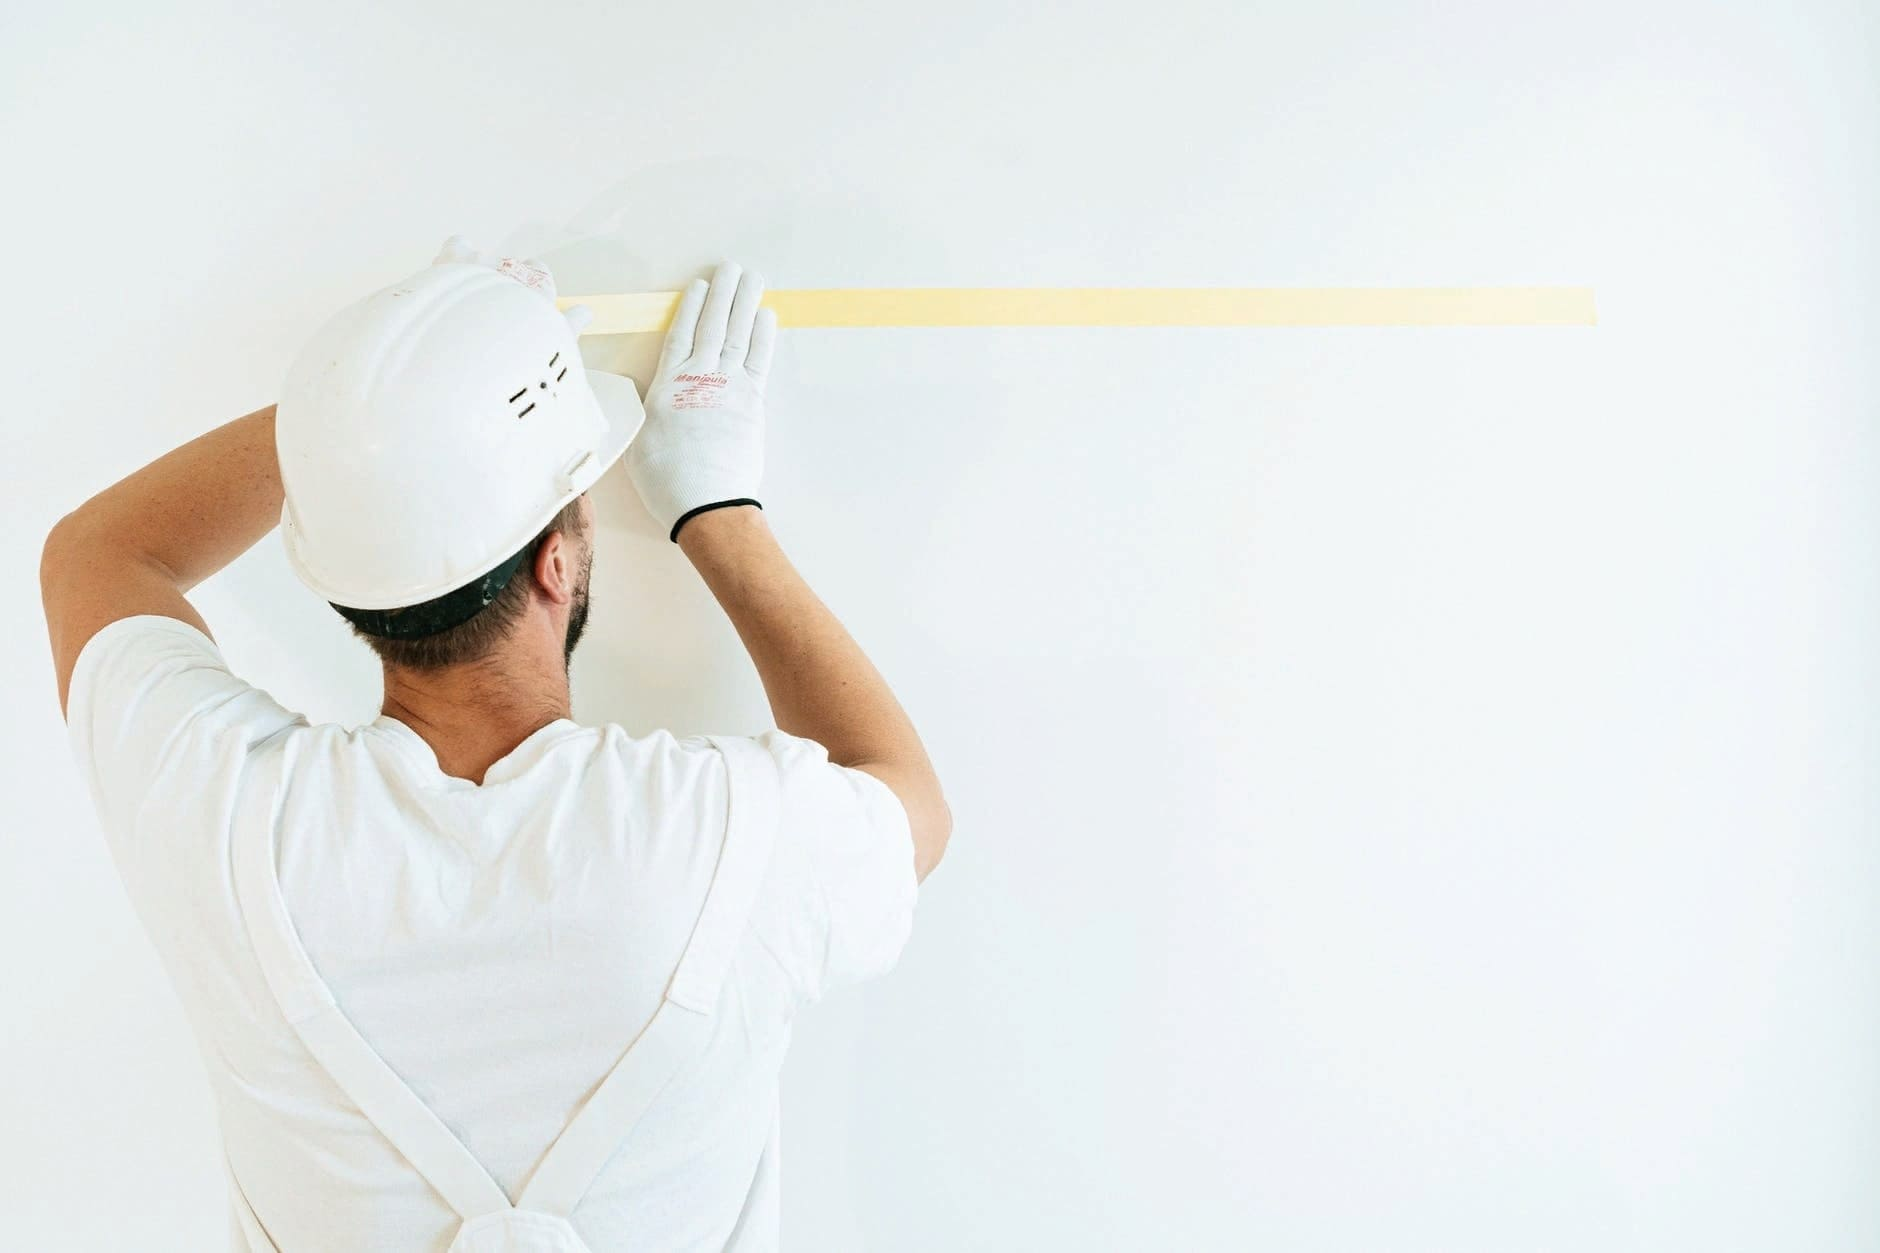 Строитель клеит ленту на стену